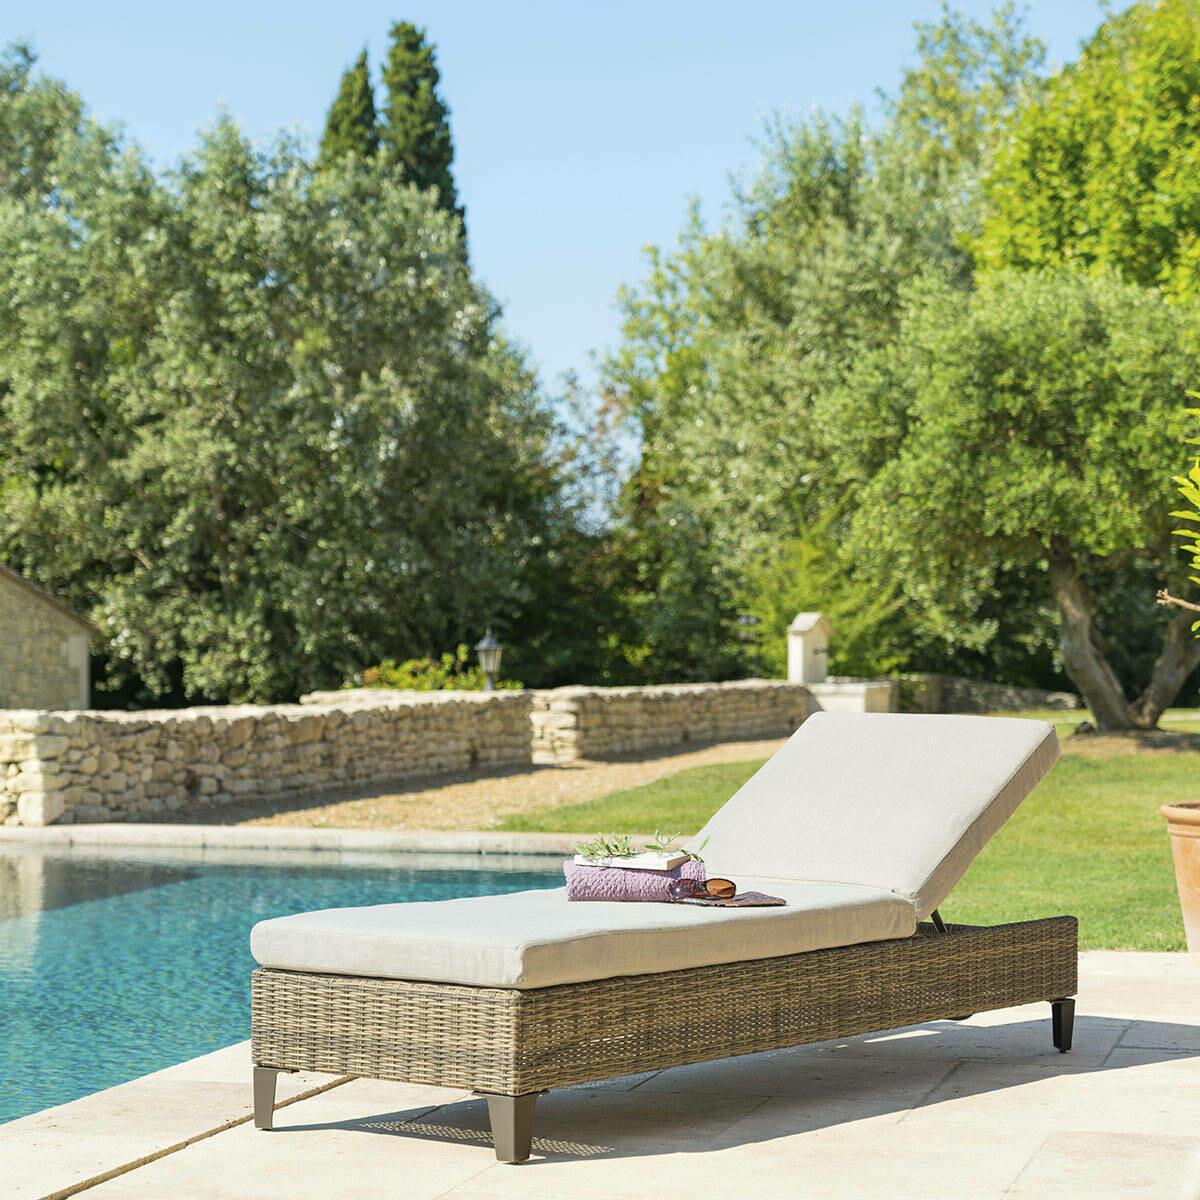 Lit de piscine Malta Naturae